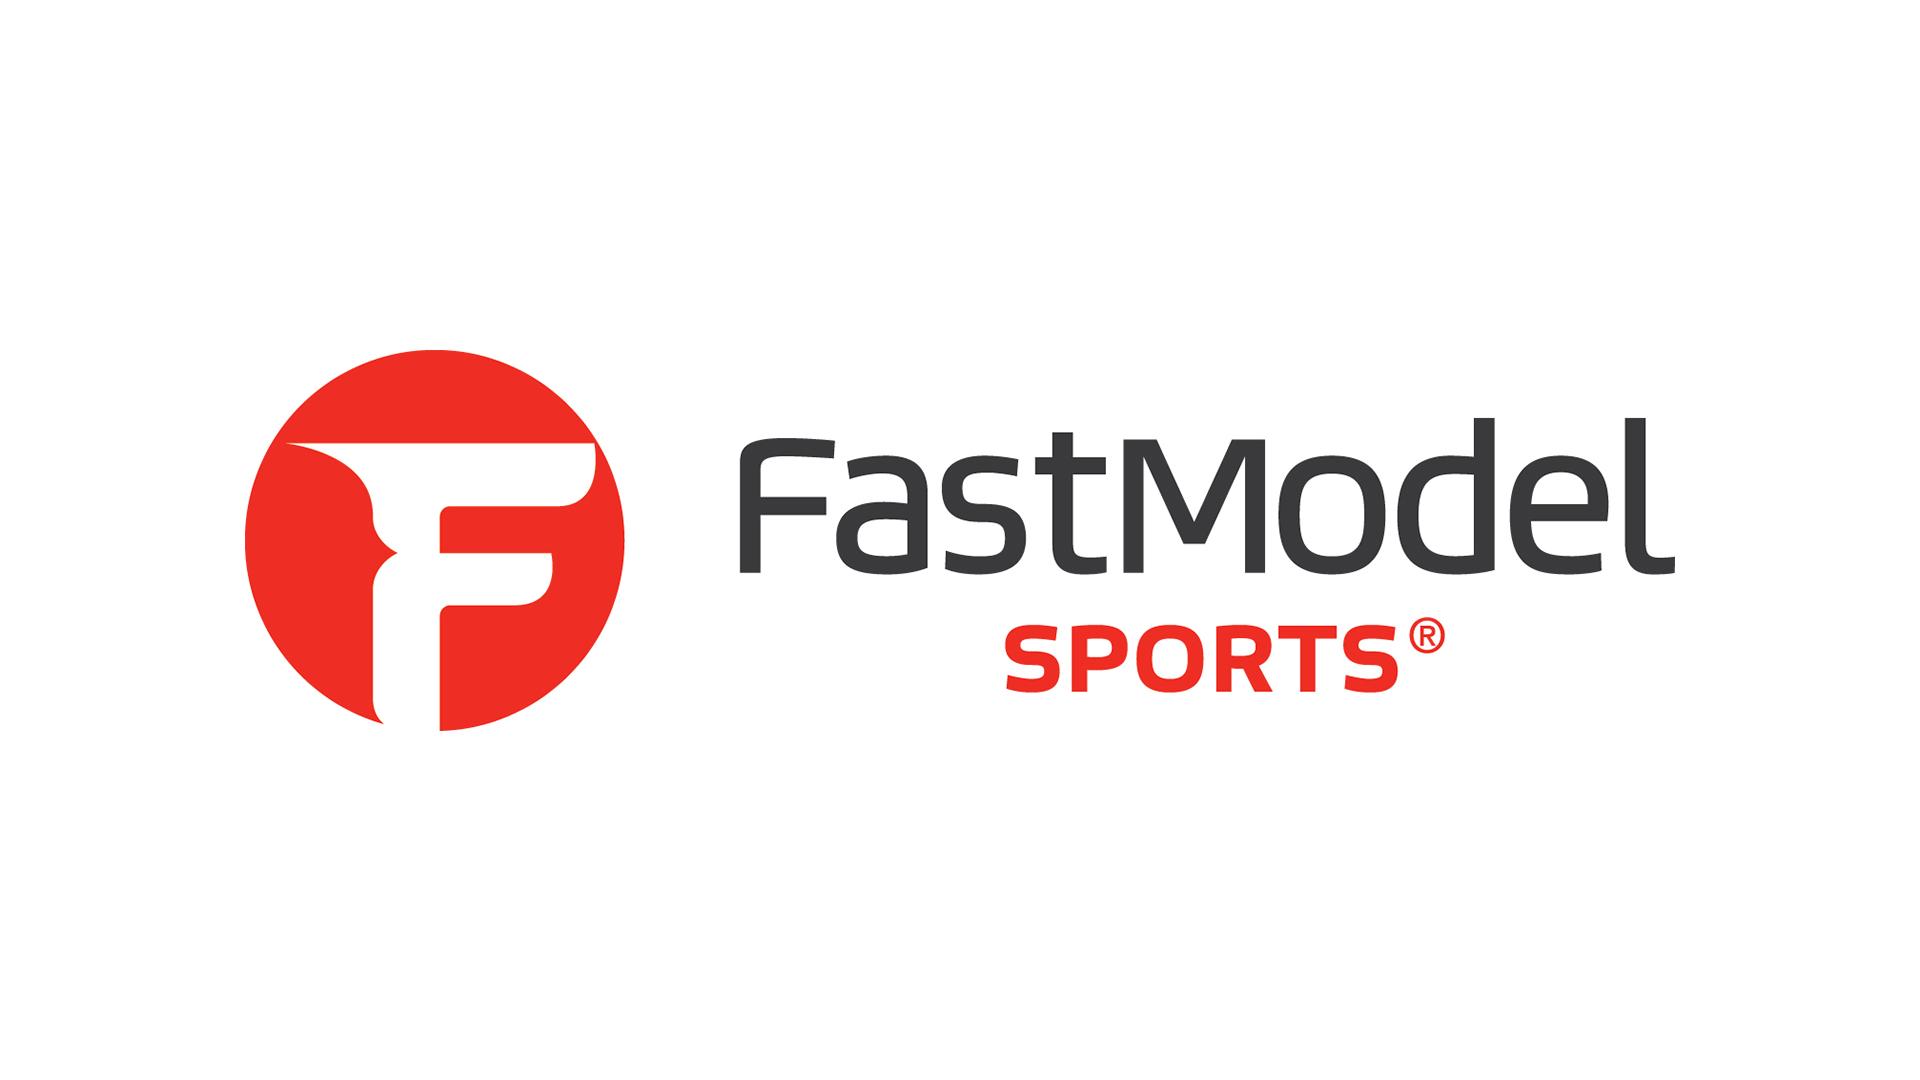 Fastmodel Banner.jpg